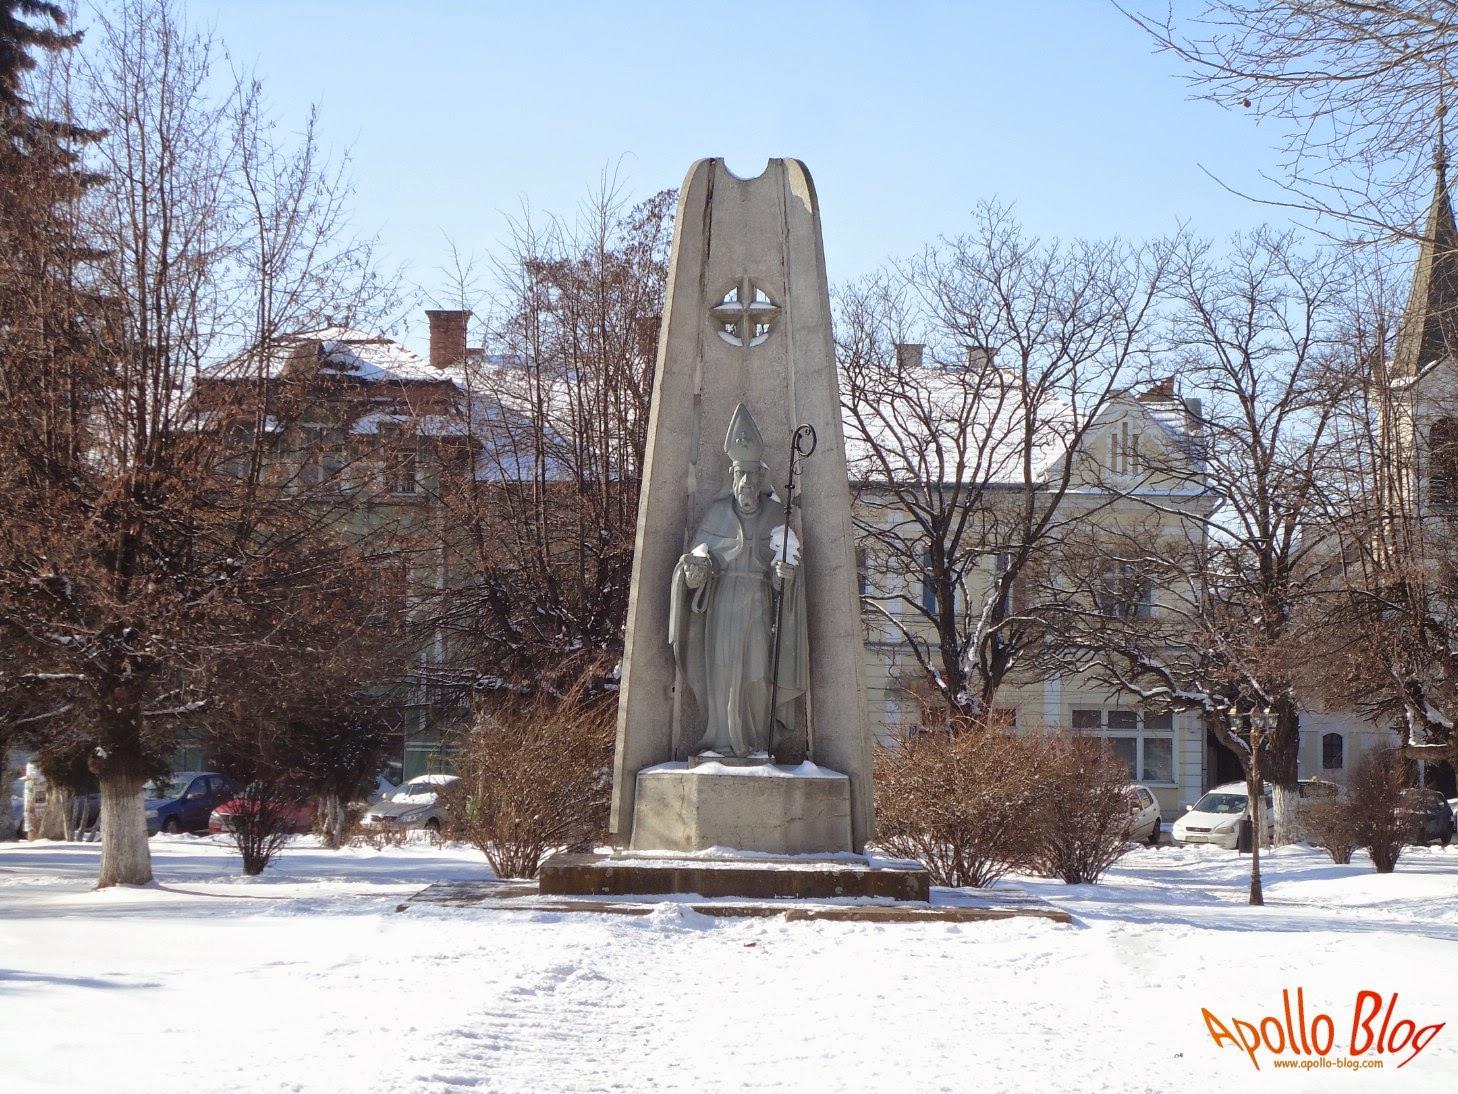 Statuie parc